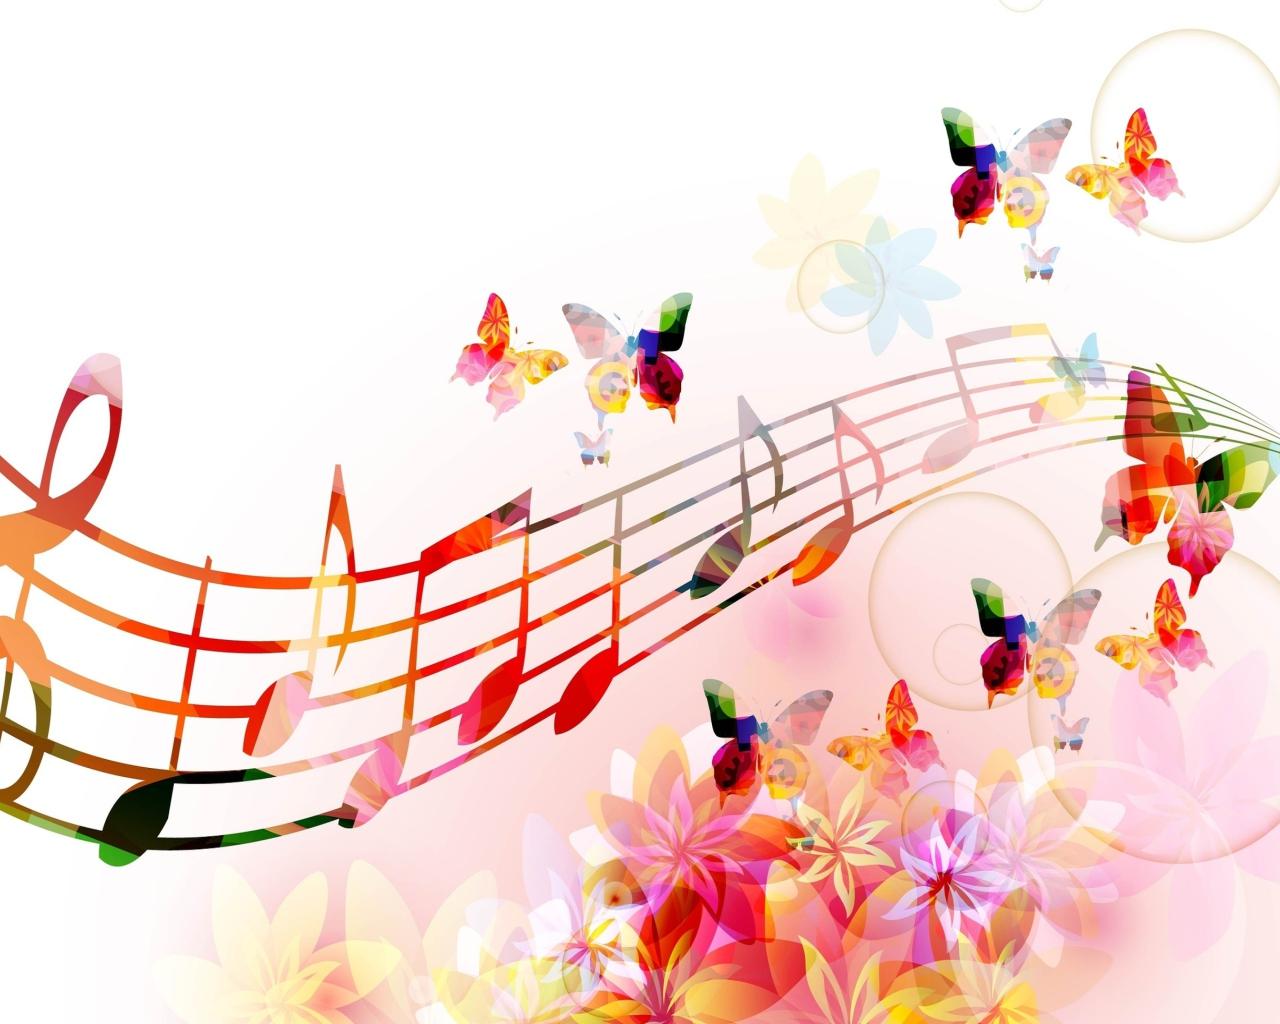 Встречи с музыкой картинки